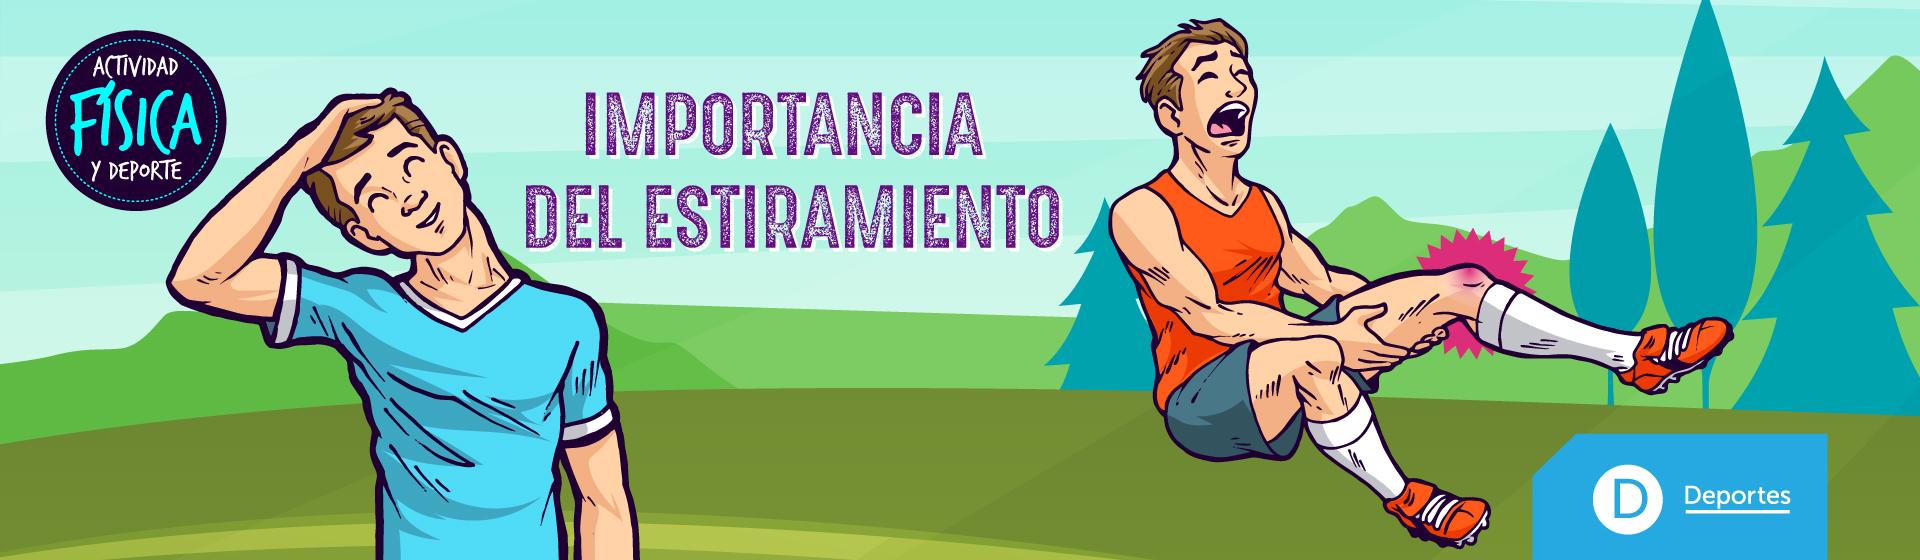 Deportes ejercicio | Uniandes